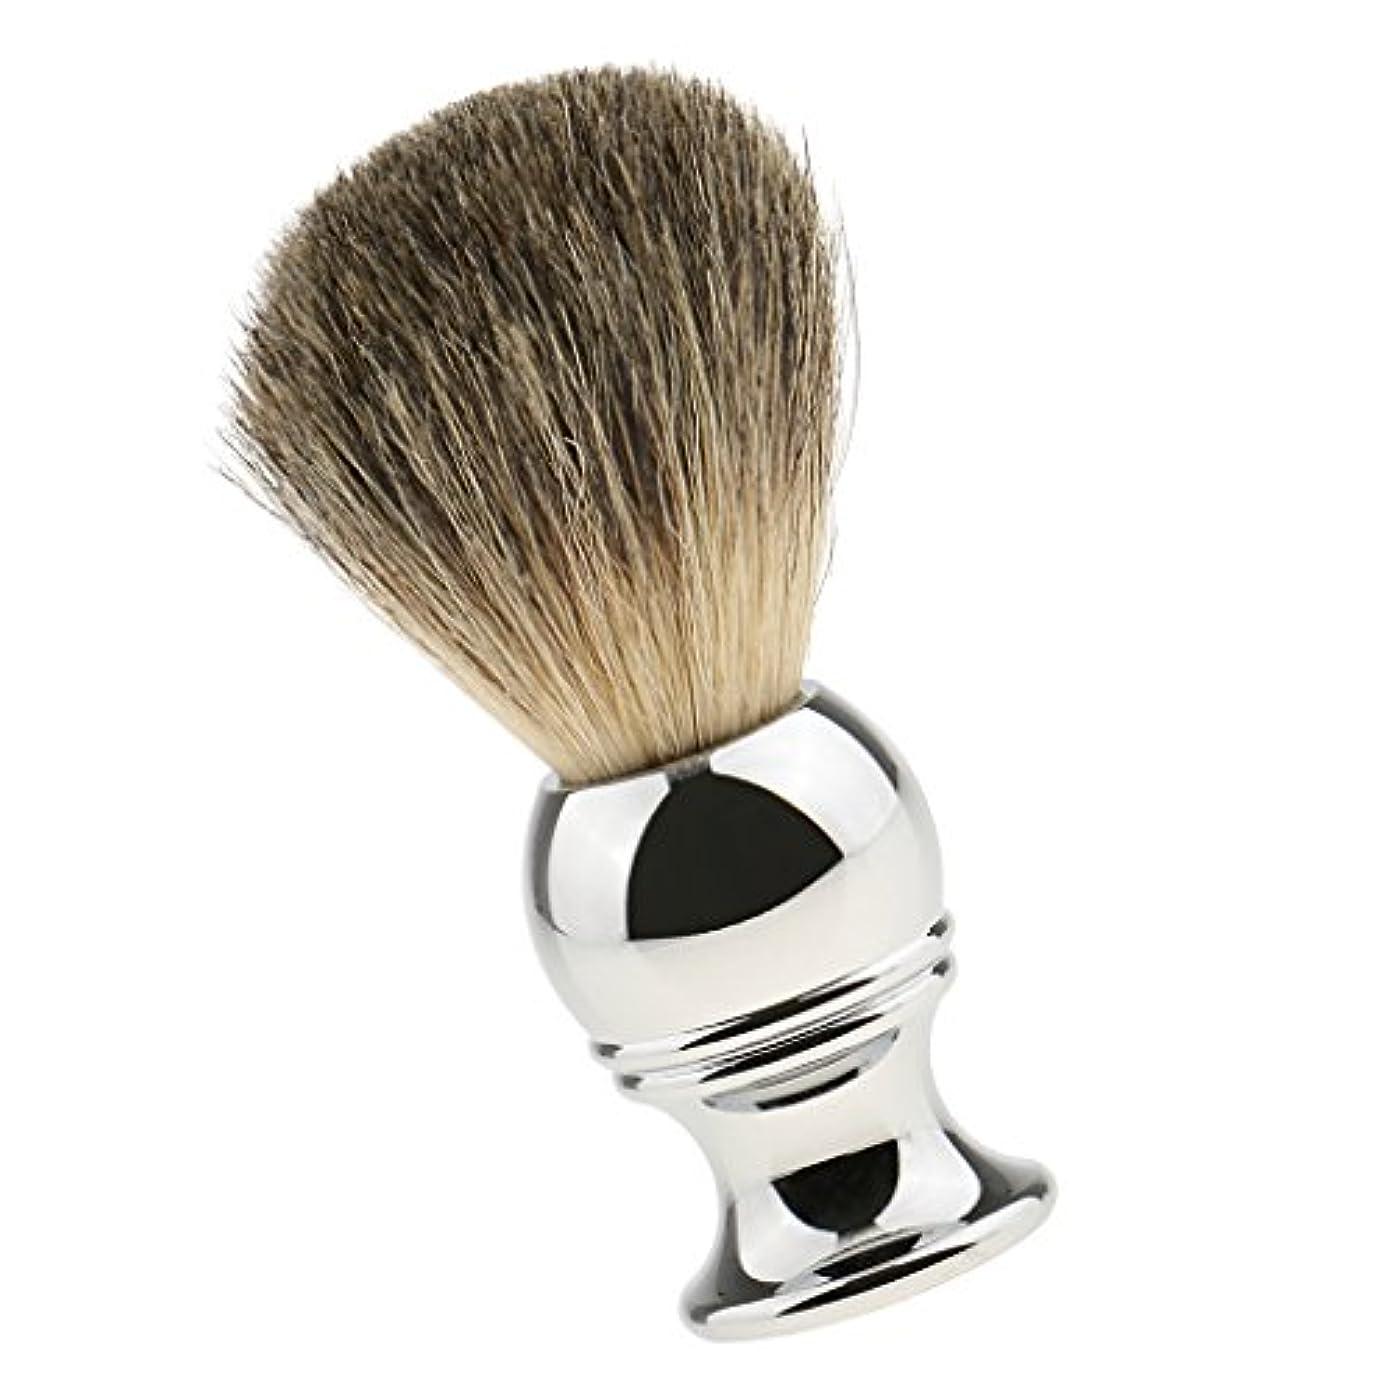 容赦ない不毛のアラビア語Kesoto 男性用 高品質 高密度 シェービングブラシ ロングハンドル 髭剃り 洗顔 ブラシ シェーブツール